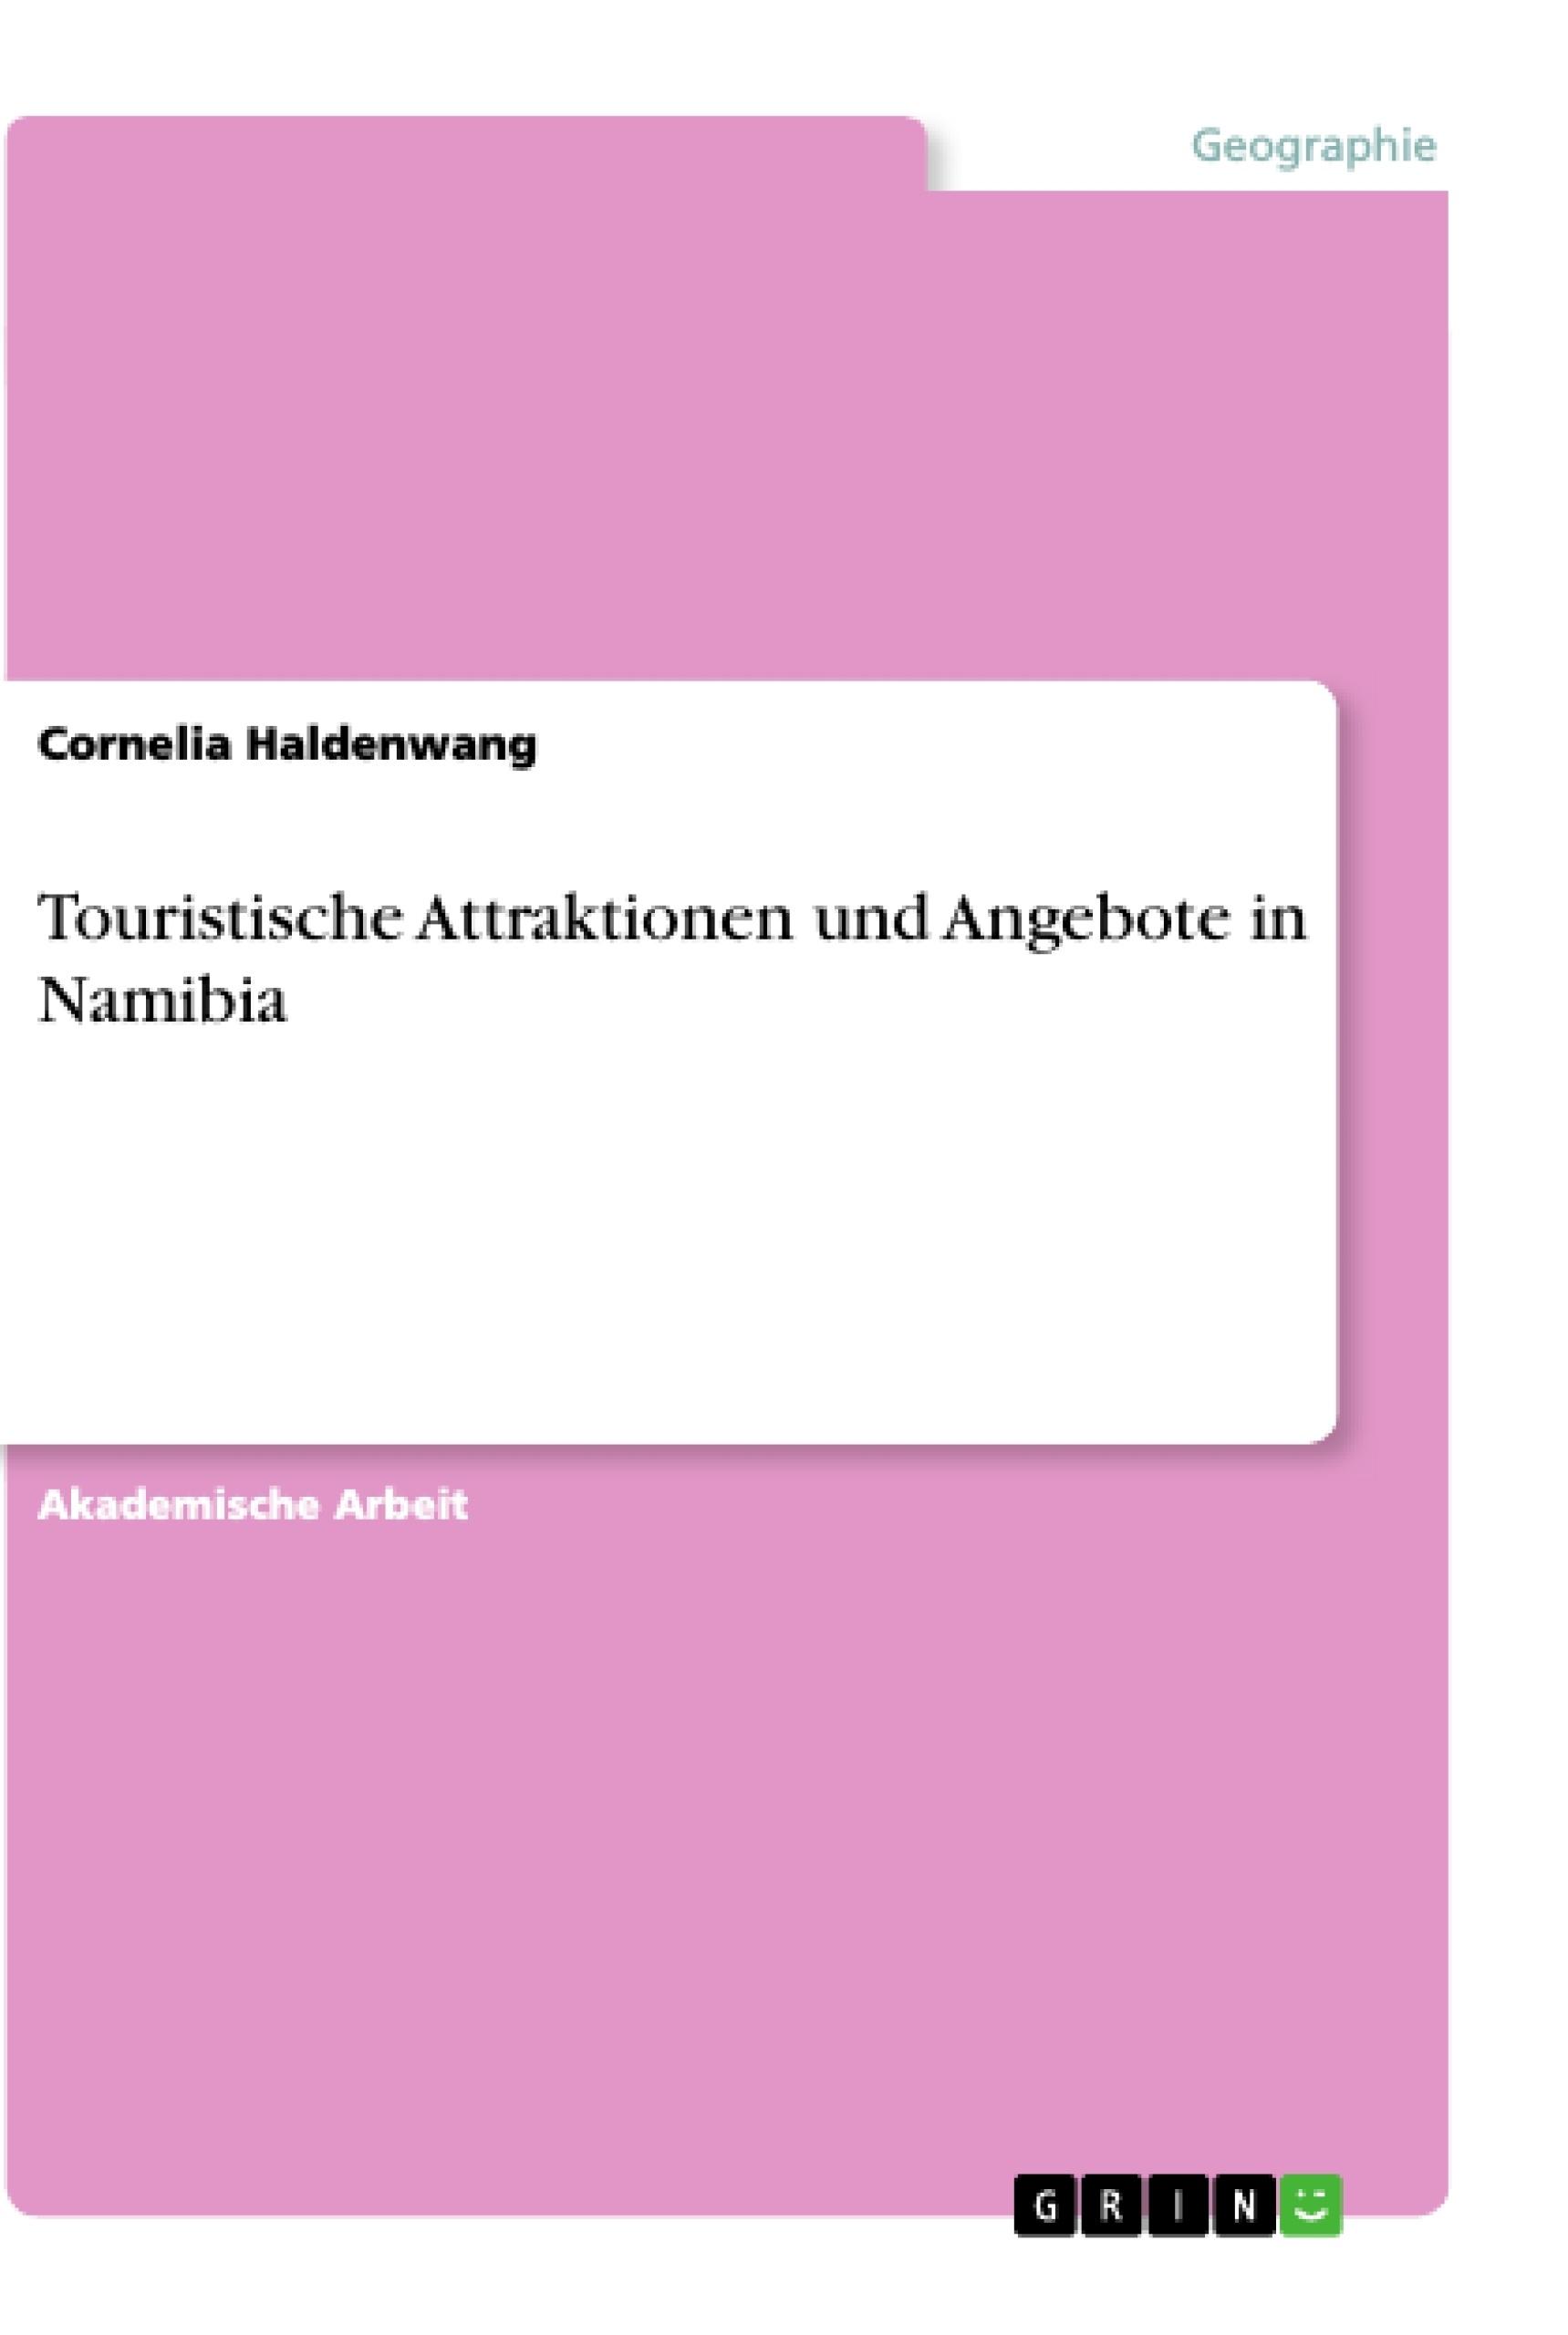 Titel: Touristische Attraktionen und Angebote in Namibia